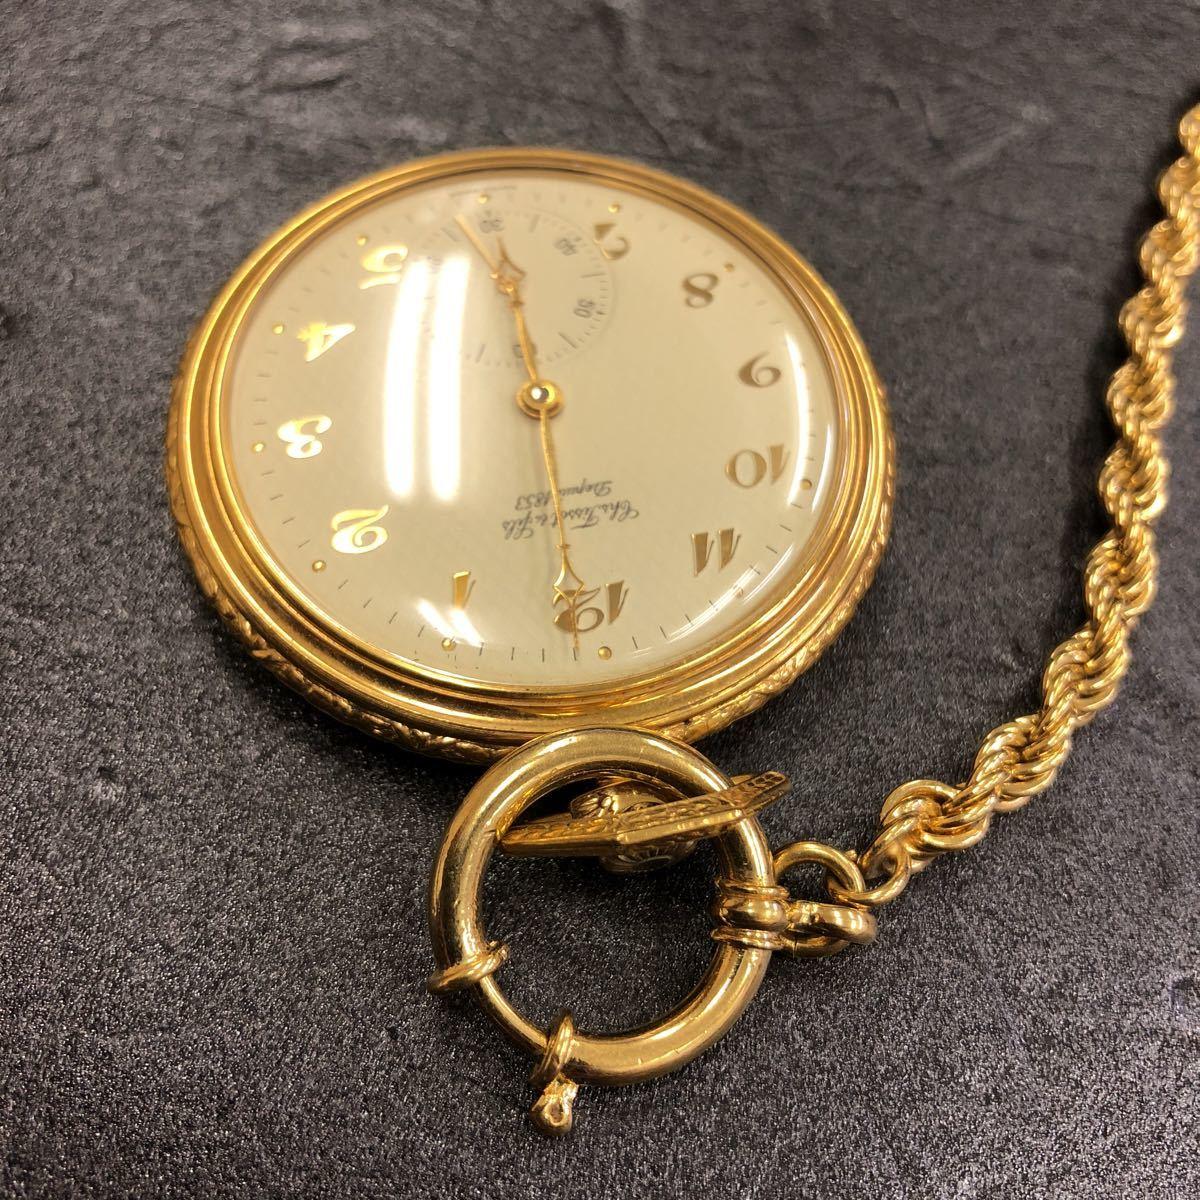 美品/稼働品TISSOT ティソ 懐中時計 手巻き chs tissot & fils depuis 1853 _画像5